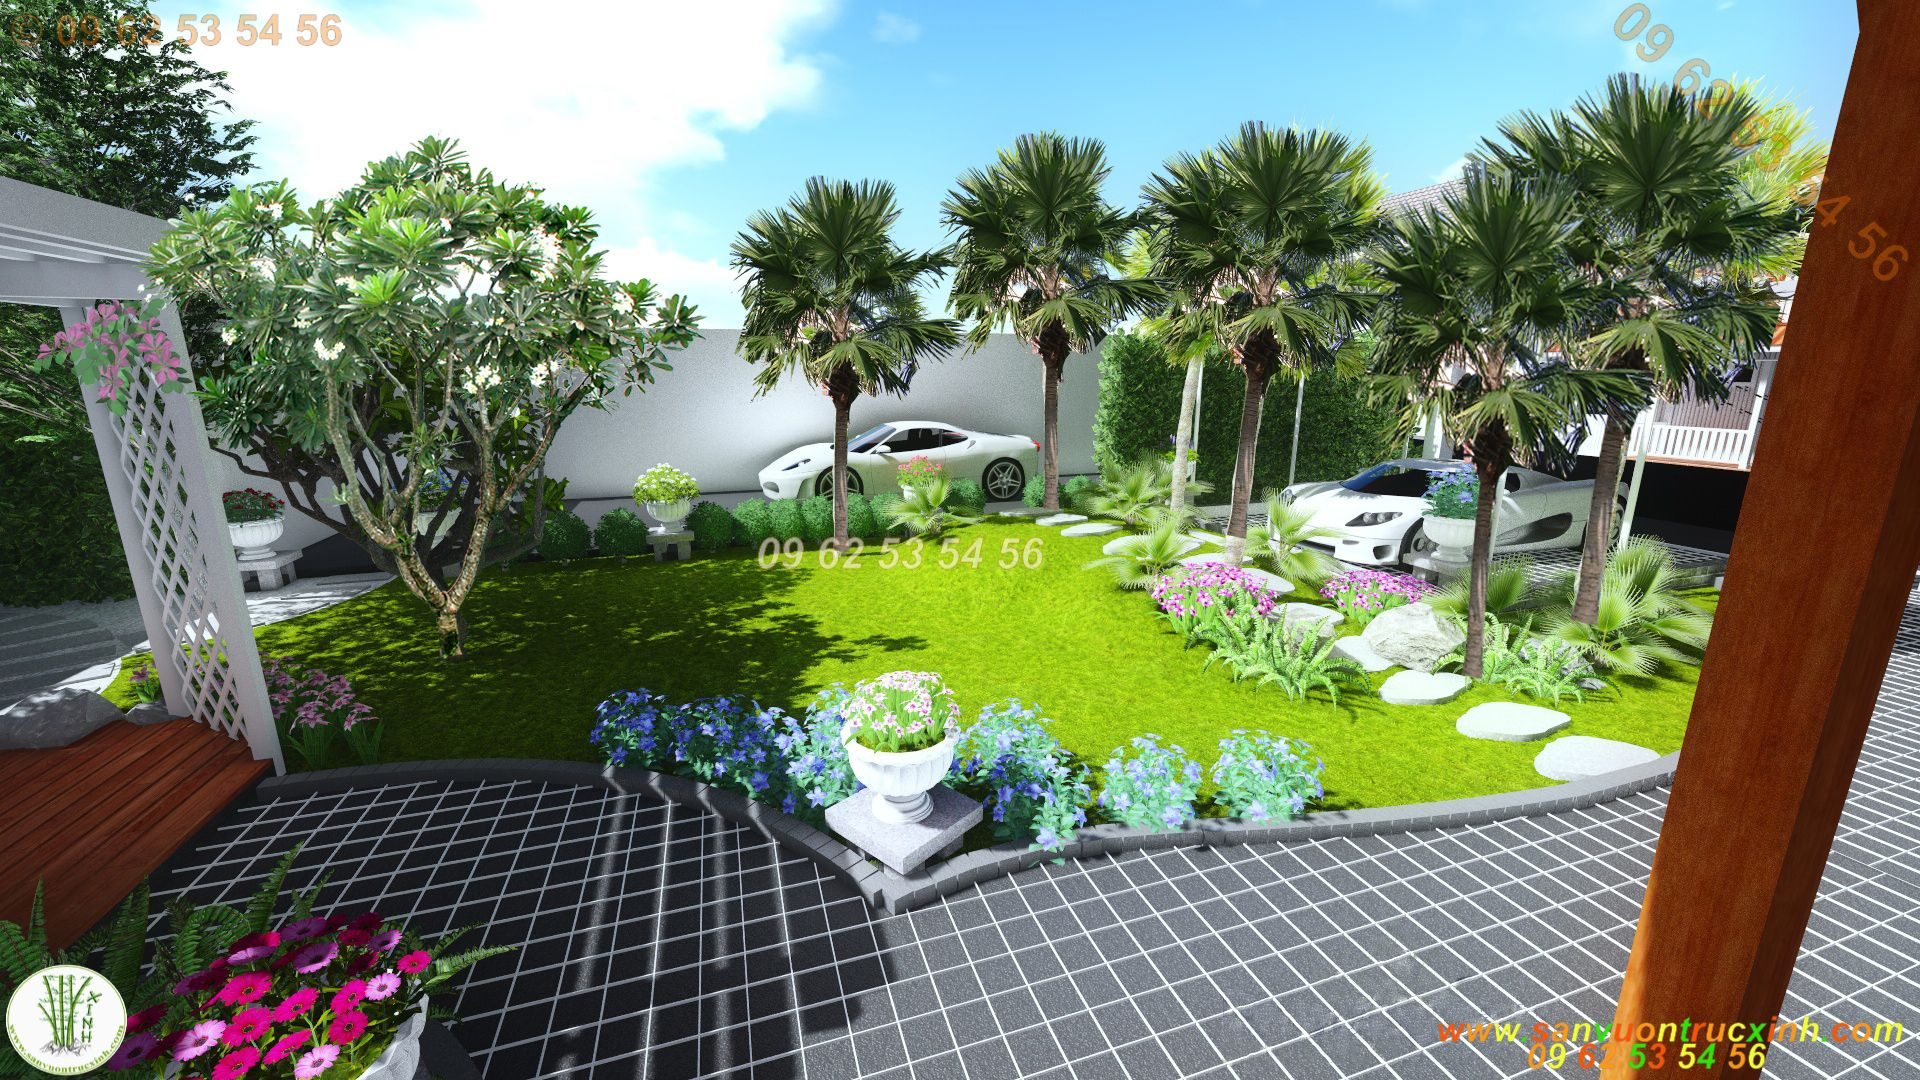 Sân vườn biệt thự đơn giản nhiều cây bóng mát